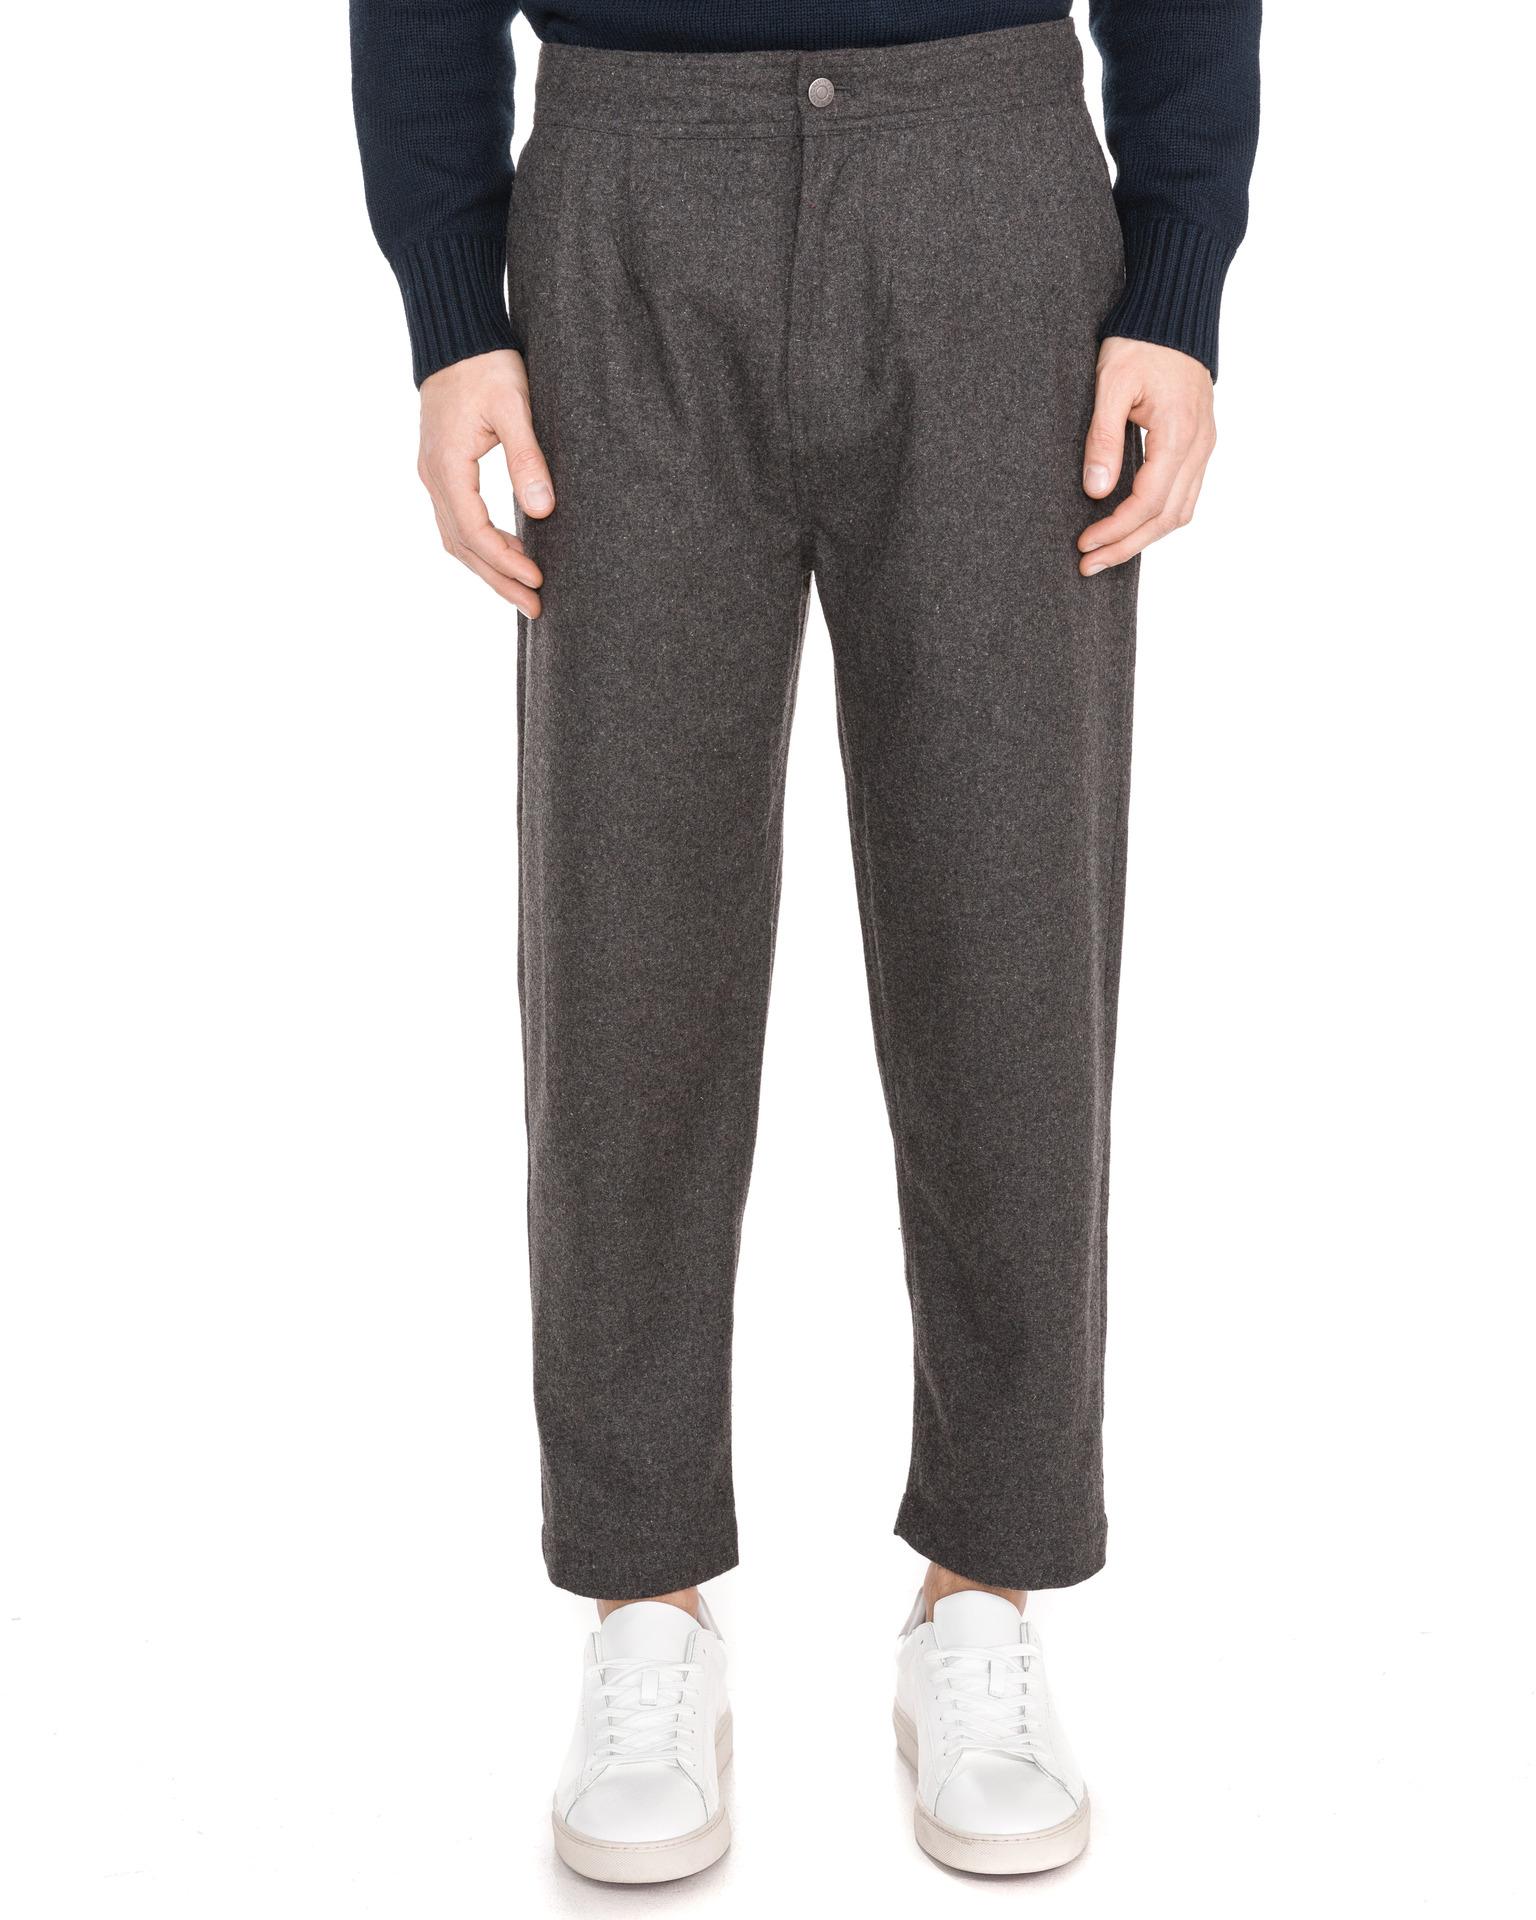 reduceri mari imagini oficiale ajunge ieftin Bărbați Calvin Klein Pantaloni Gri - GLAMI.ro